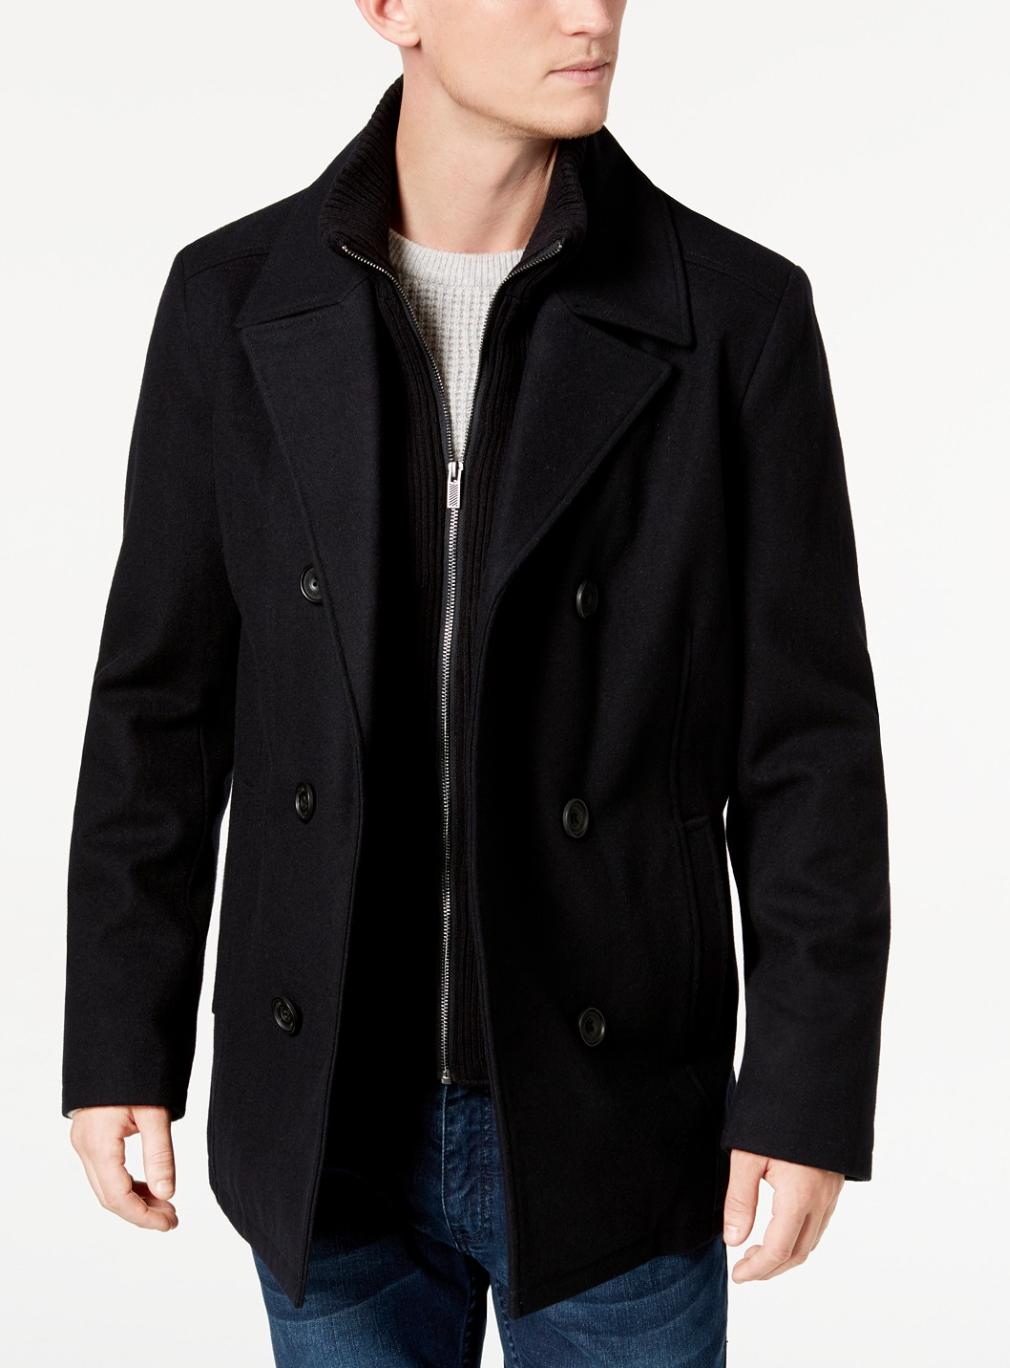 Macys Coupon Code Mens Jacket